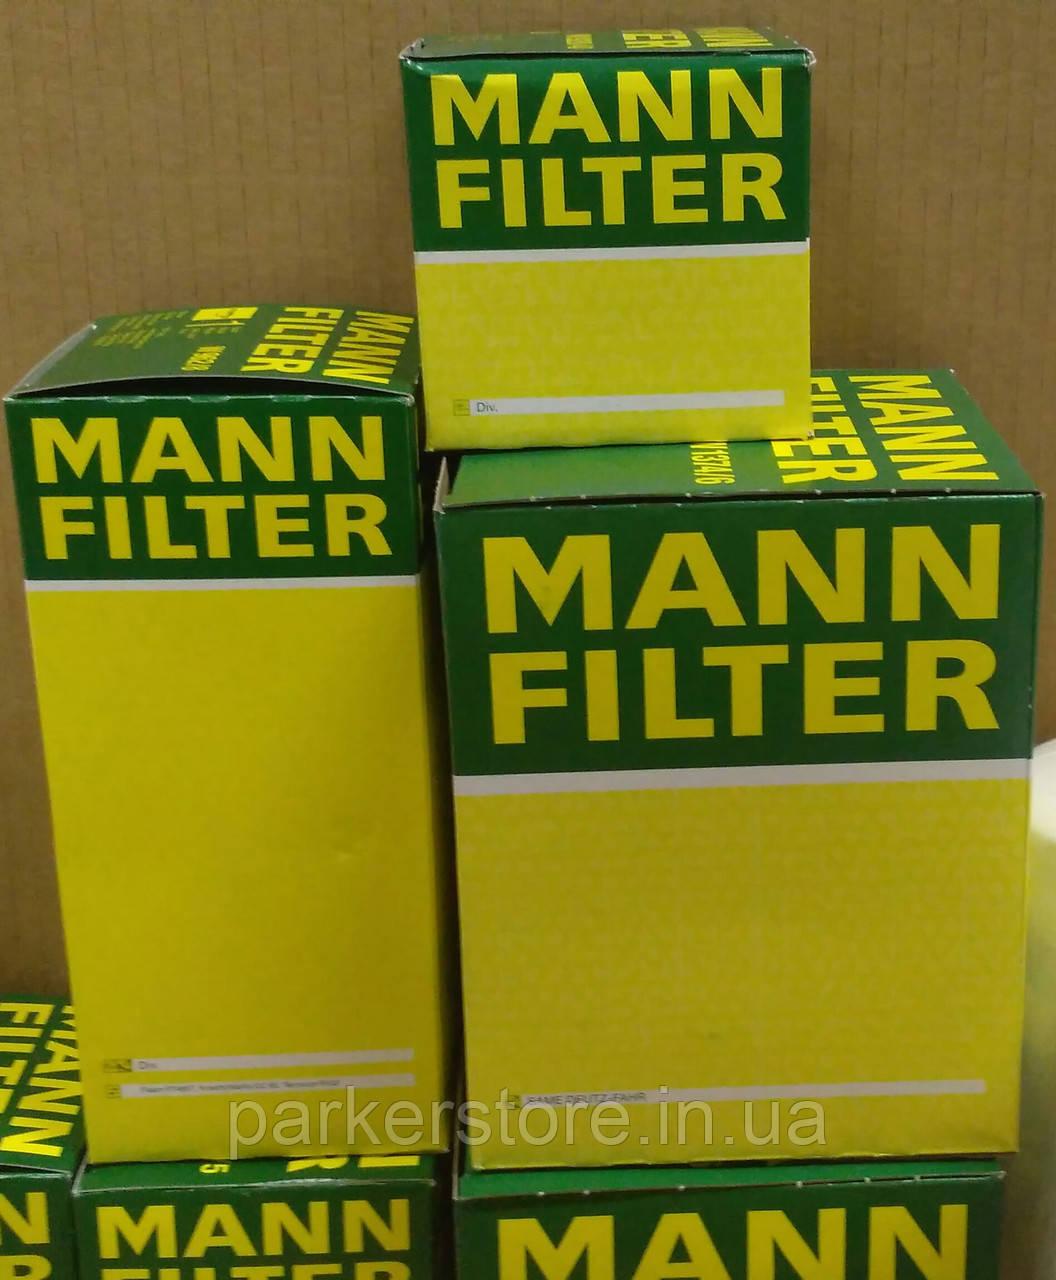 MANN FILTER / Повітряний фільтр / C 27 006 / C27006